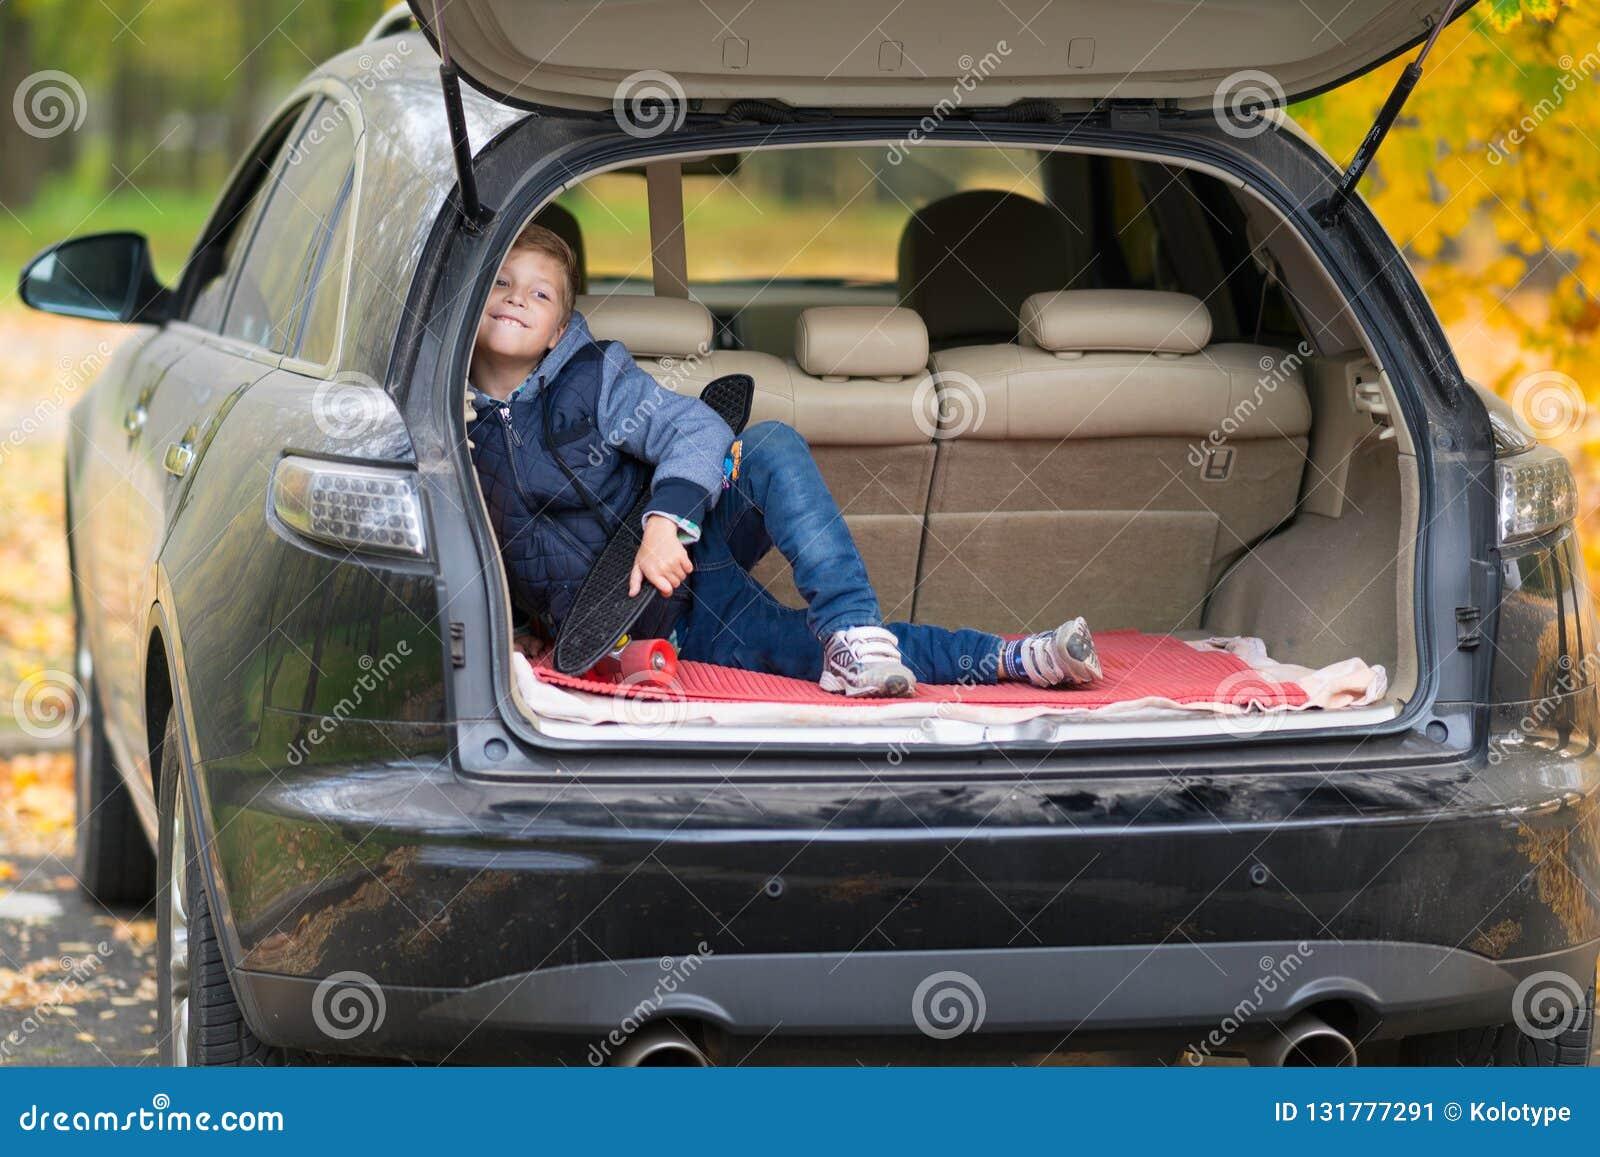 Busig pys med en skateboard som sitter i stammen av en bil som lyckligt utomhus grinar på kameran i en gata in